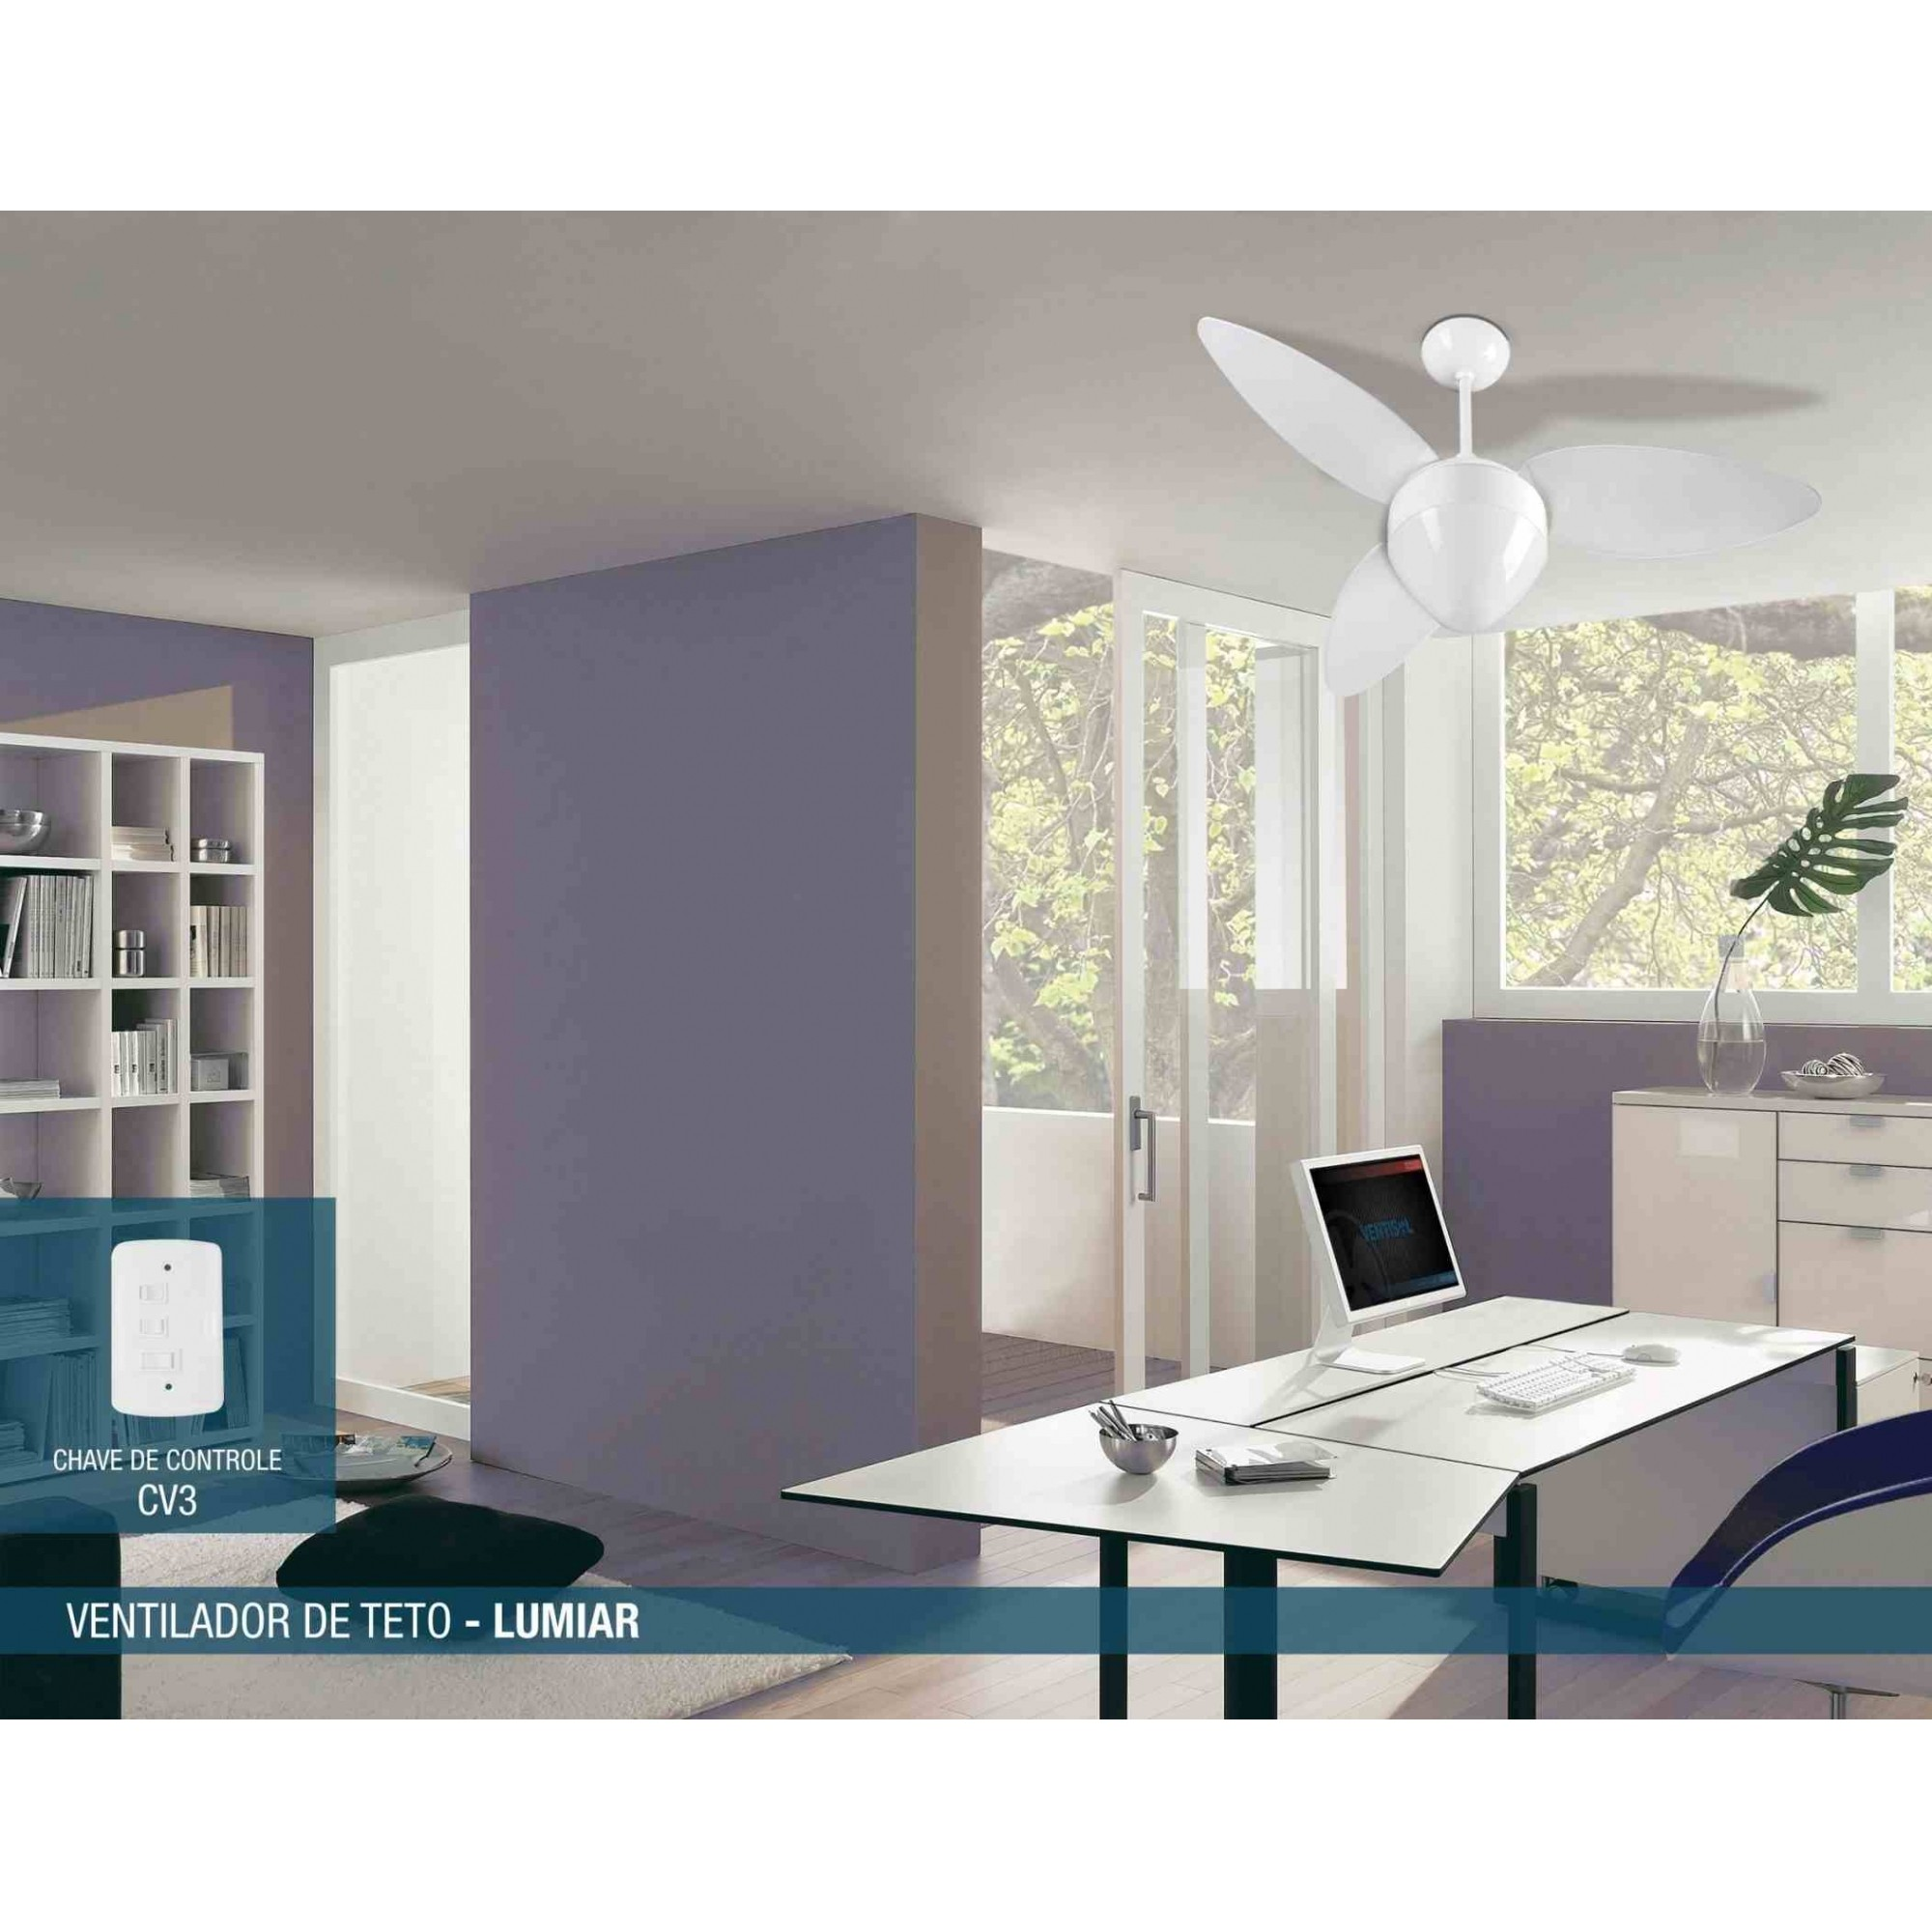 Ventilador Teto Aires Branco 3p Cv3 220v Premium   - A ELETRICA ONLINE